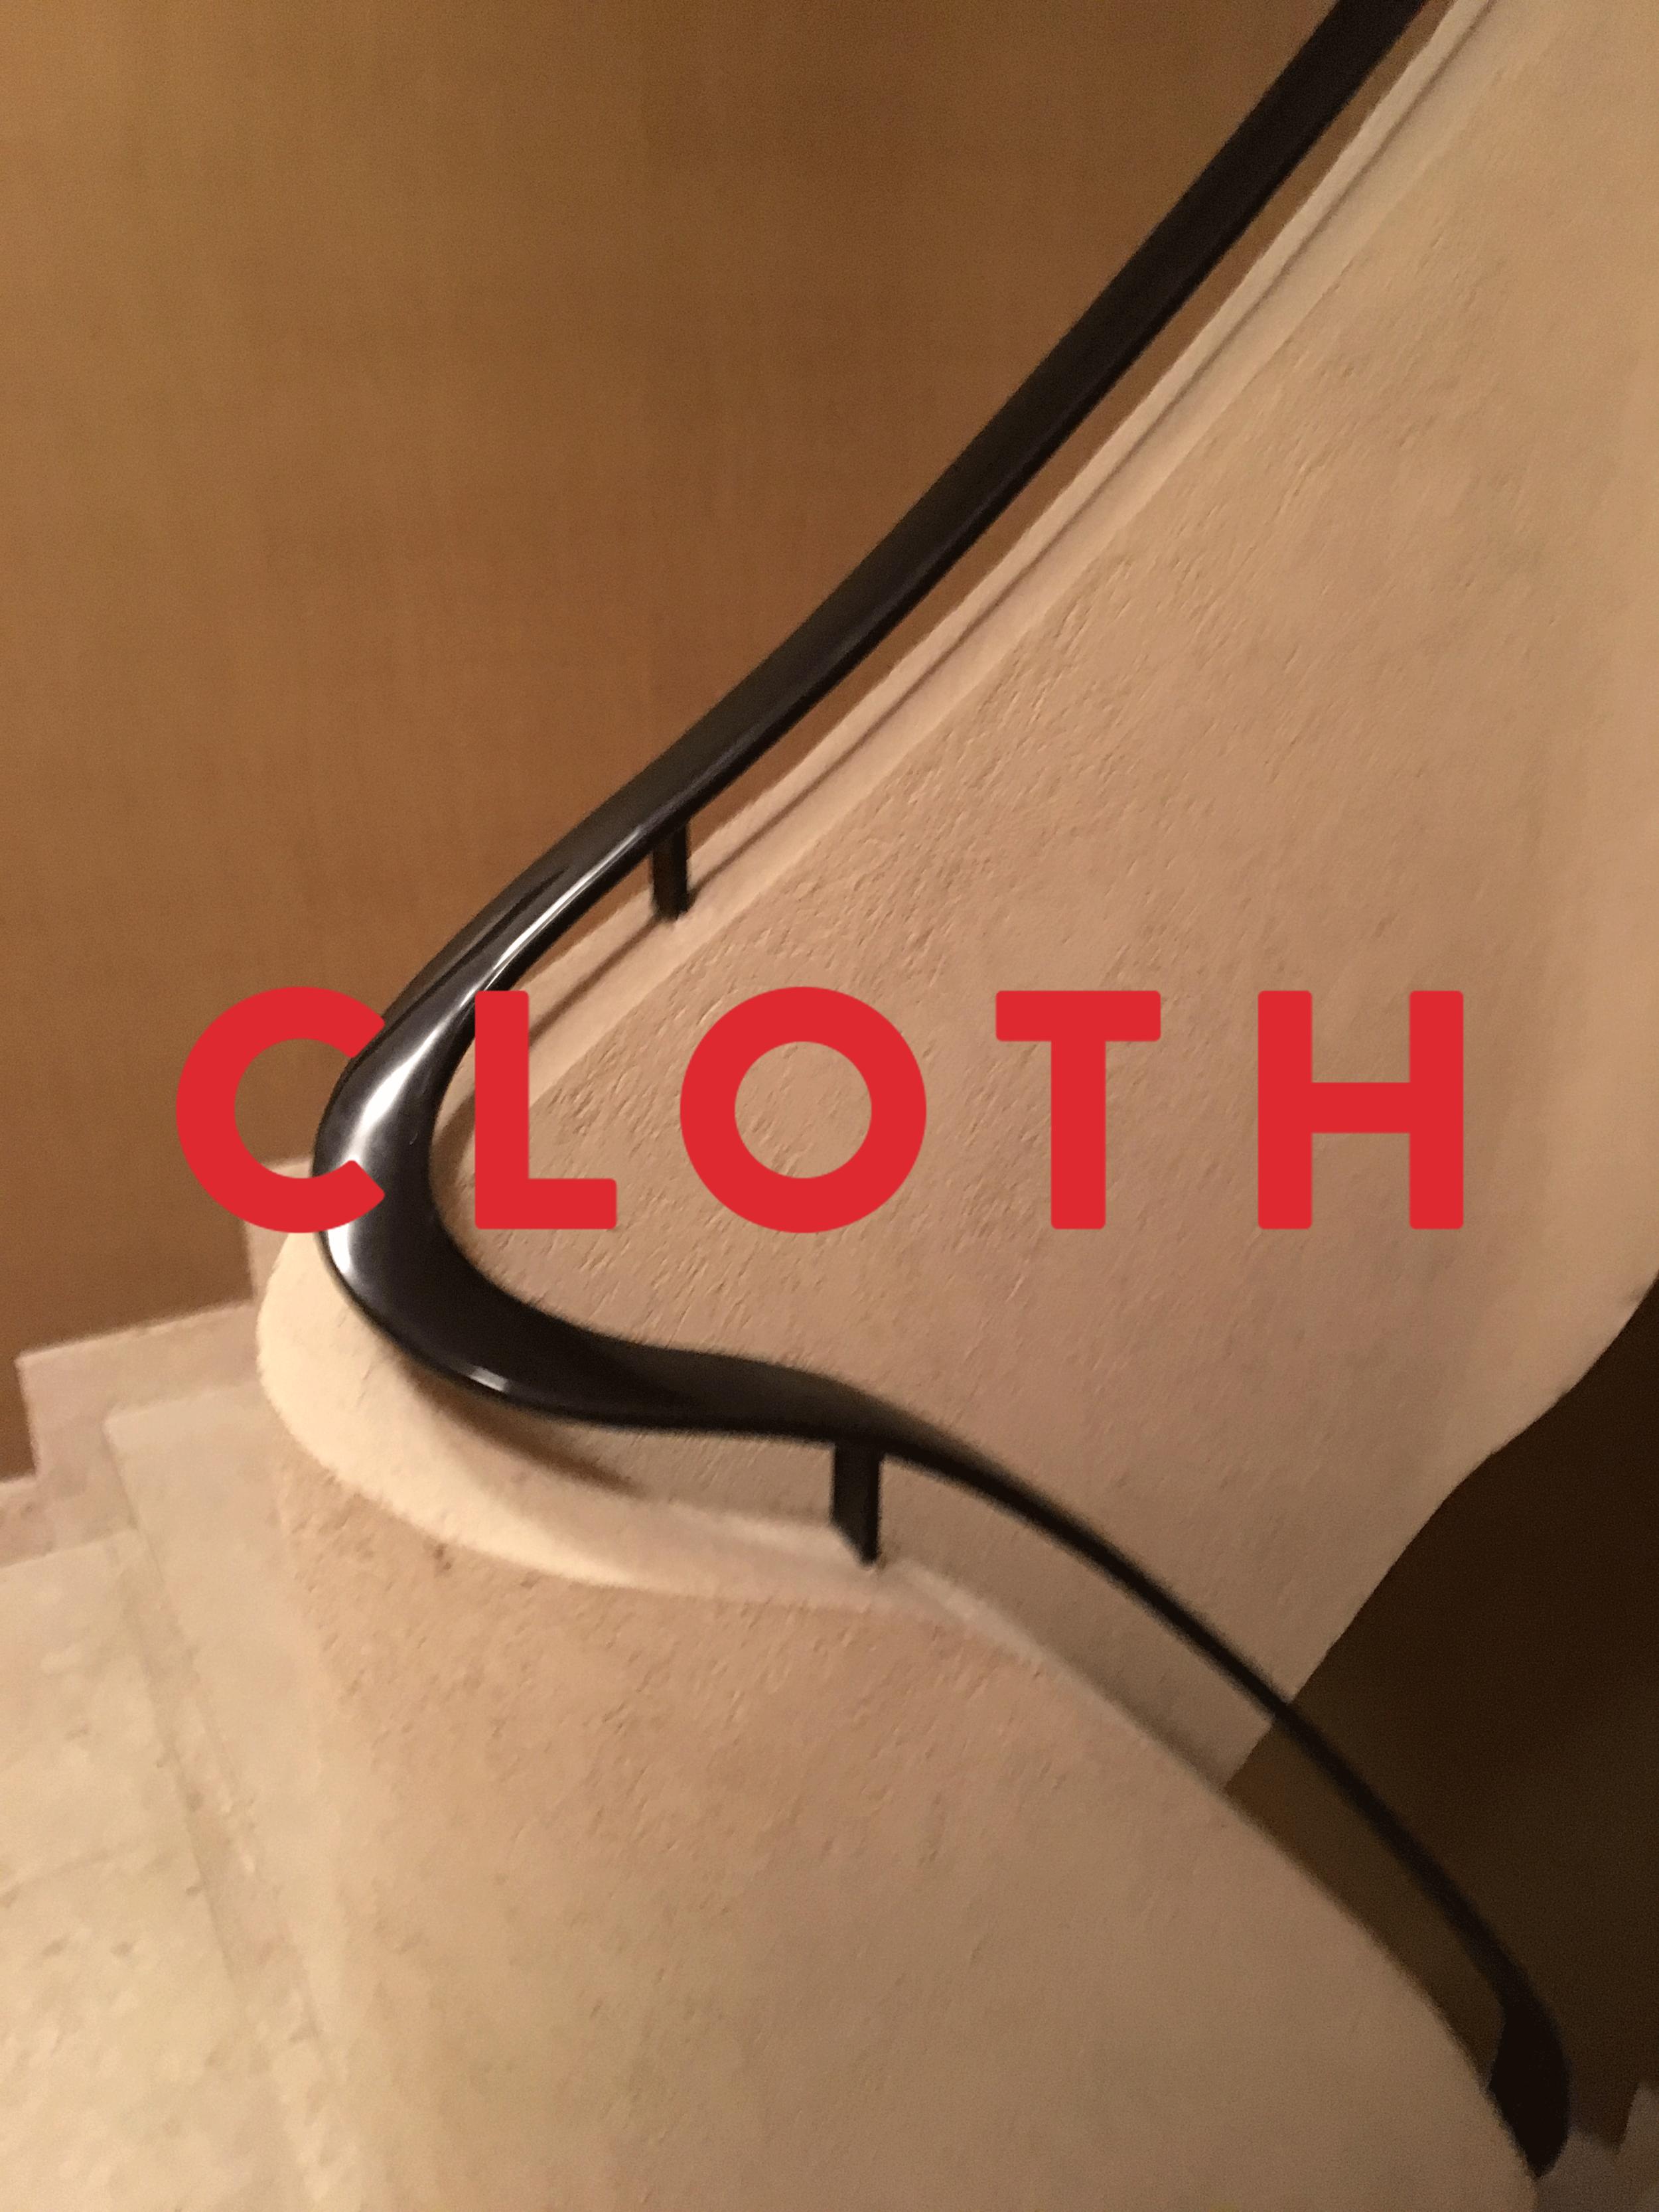 Cloth-fp3.png